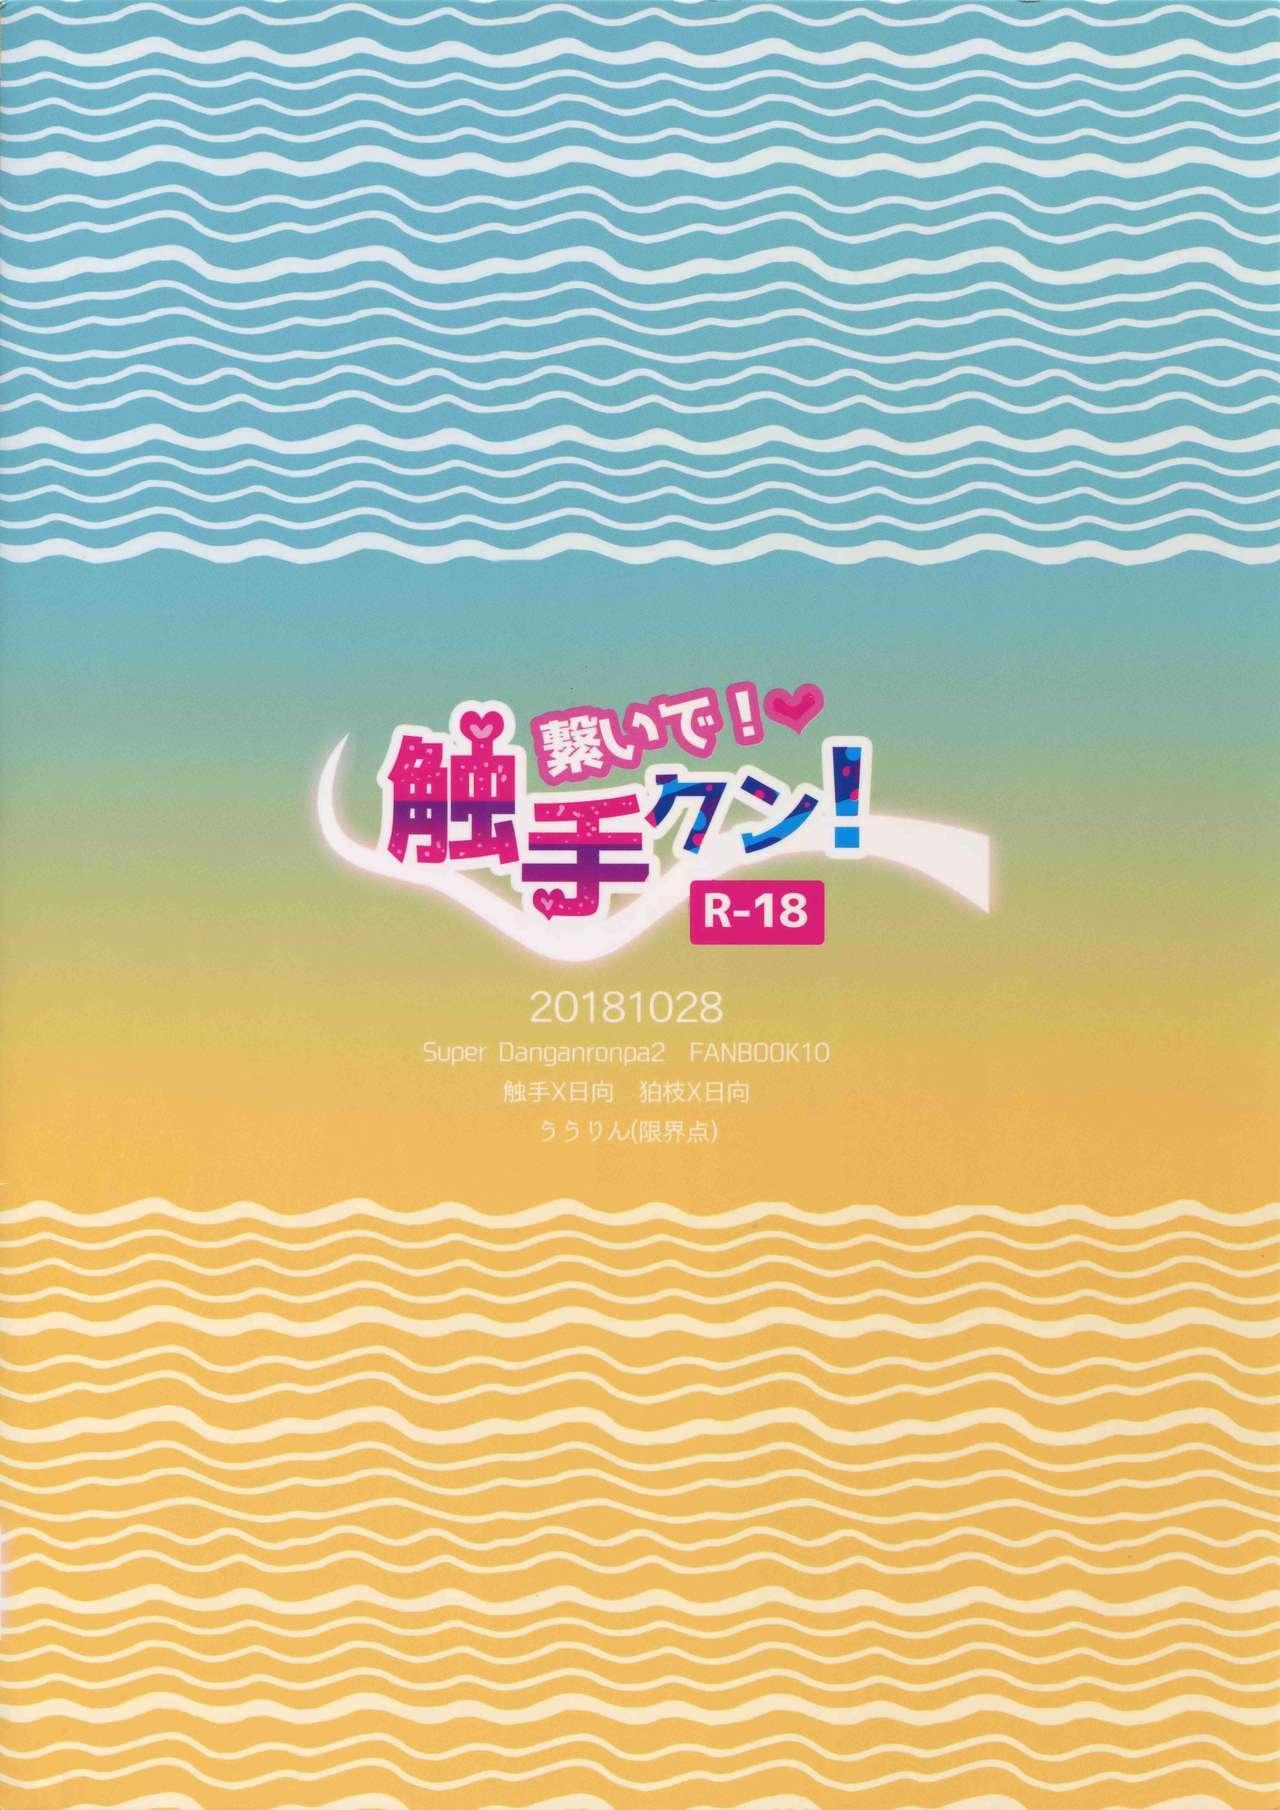 Tsunaide! Shokushu-kun! 连接吧!触手君! 57